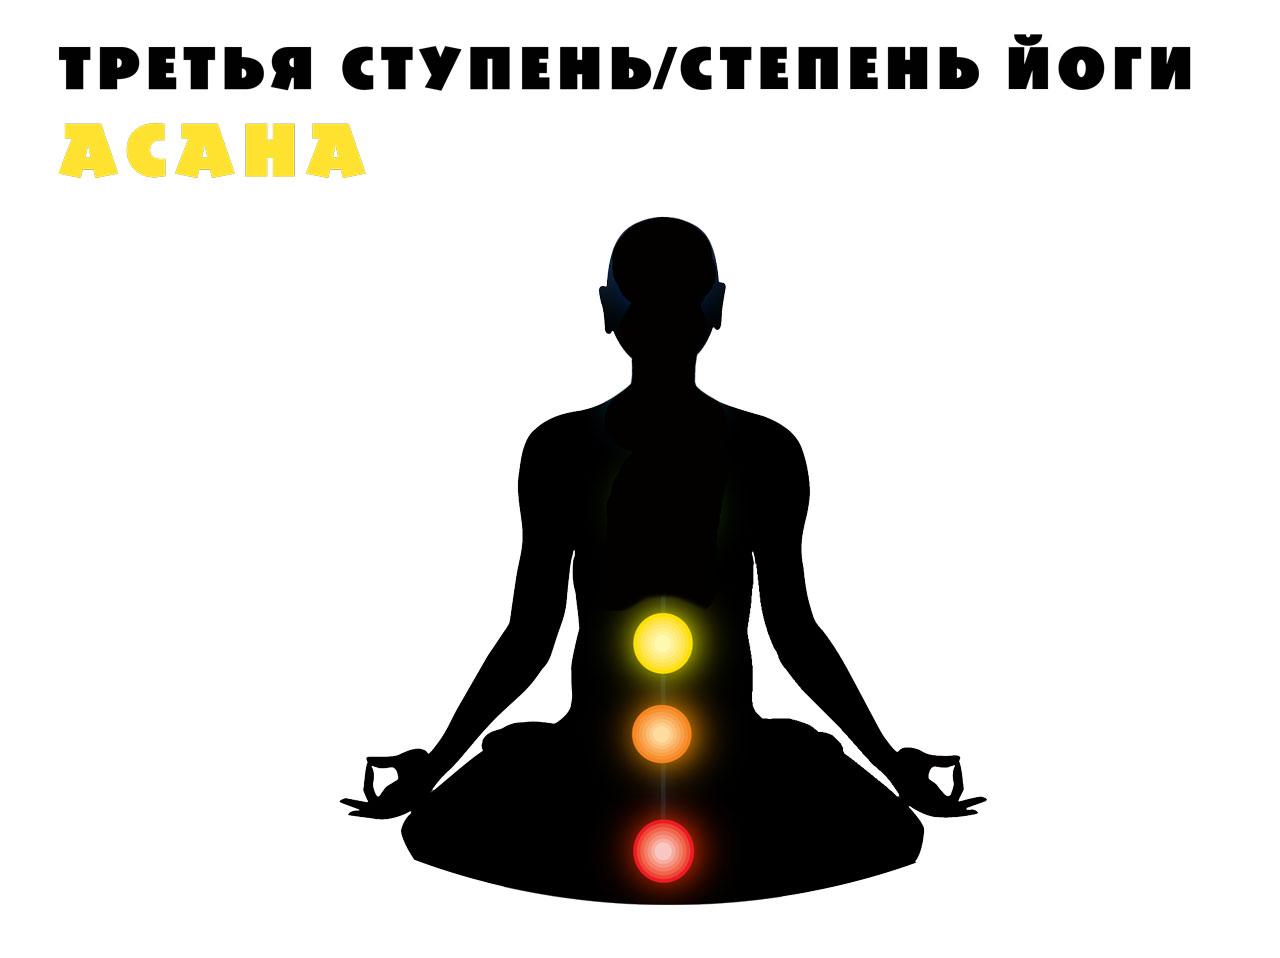 ЙОГА во ХРИСТЕ ✝️ или христианский взгляд на йогу 6 ТРЕТЬЯ СТУПЕНЬ СТЕПЕНЬ ЙОГИ АСАНА #ВЕГАН 💚 #ХРИСТОЛЮБ ✝️